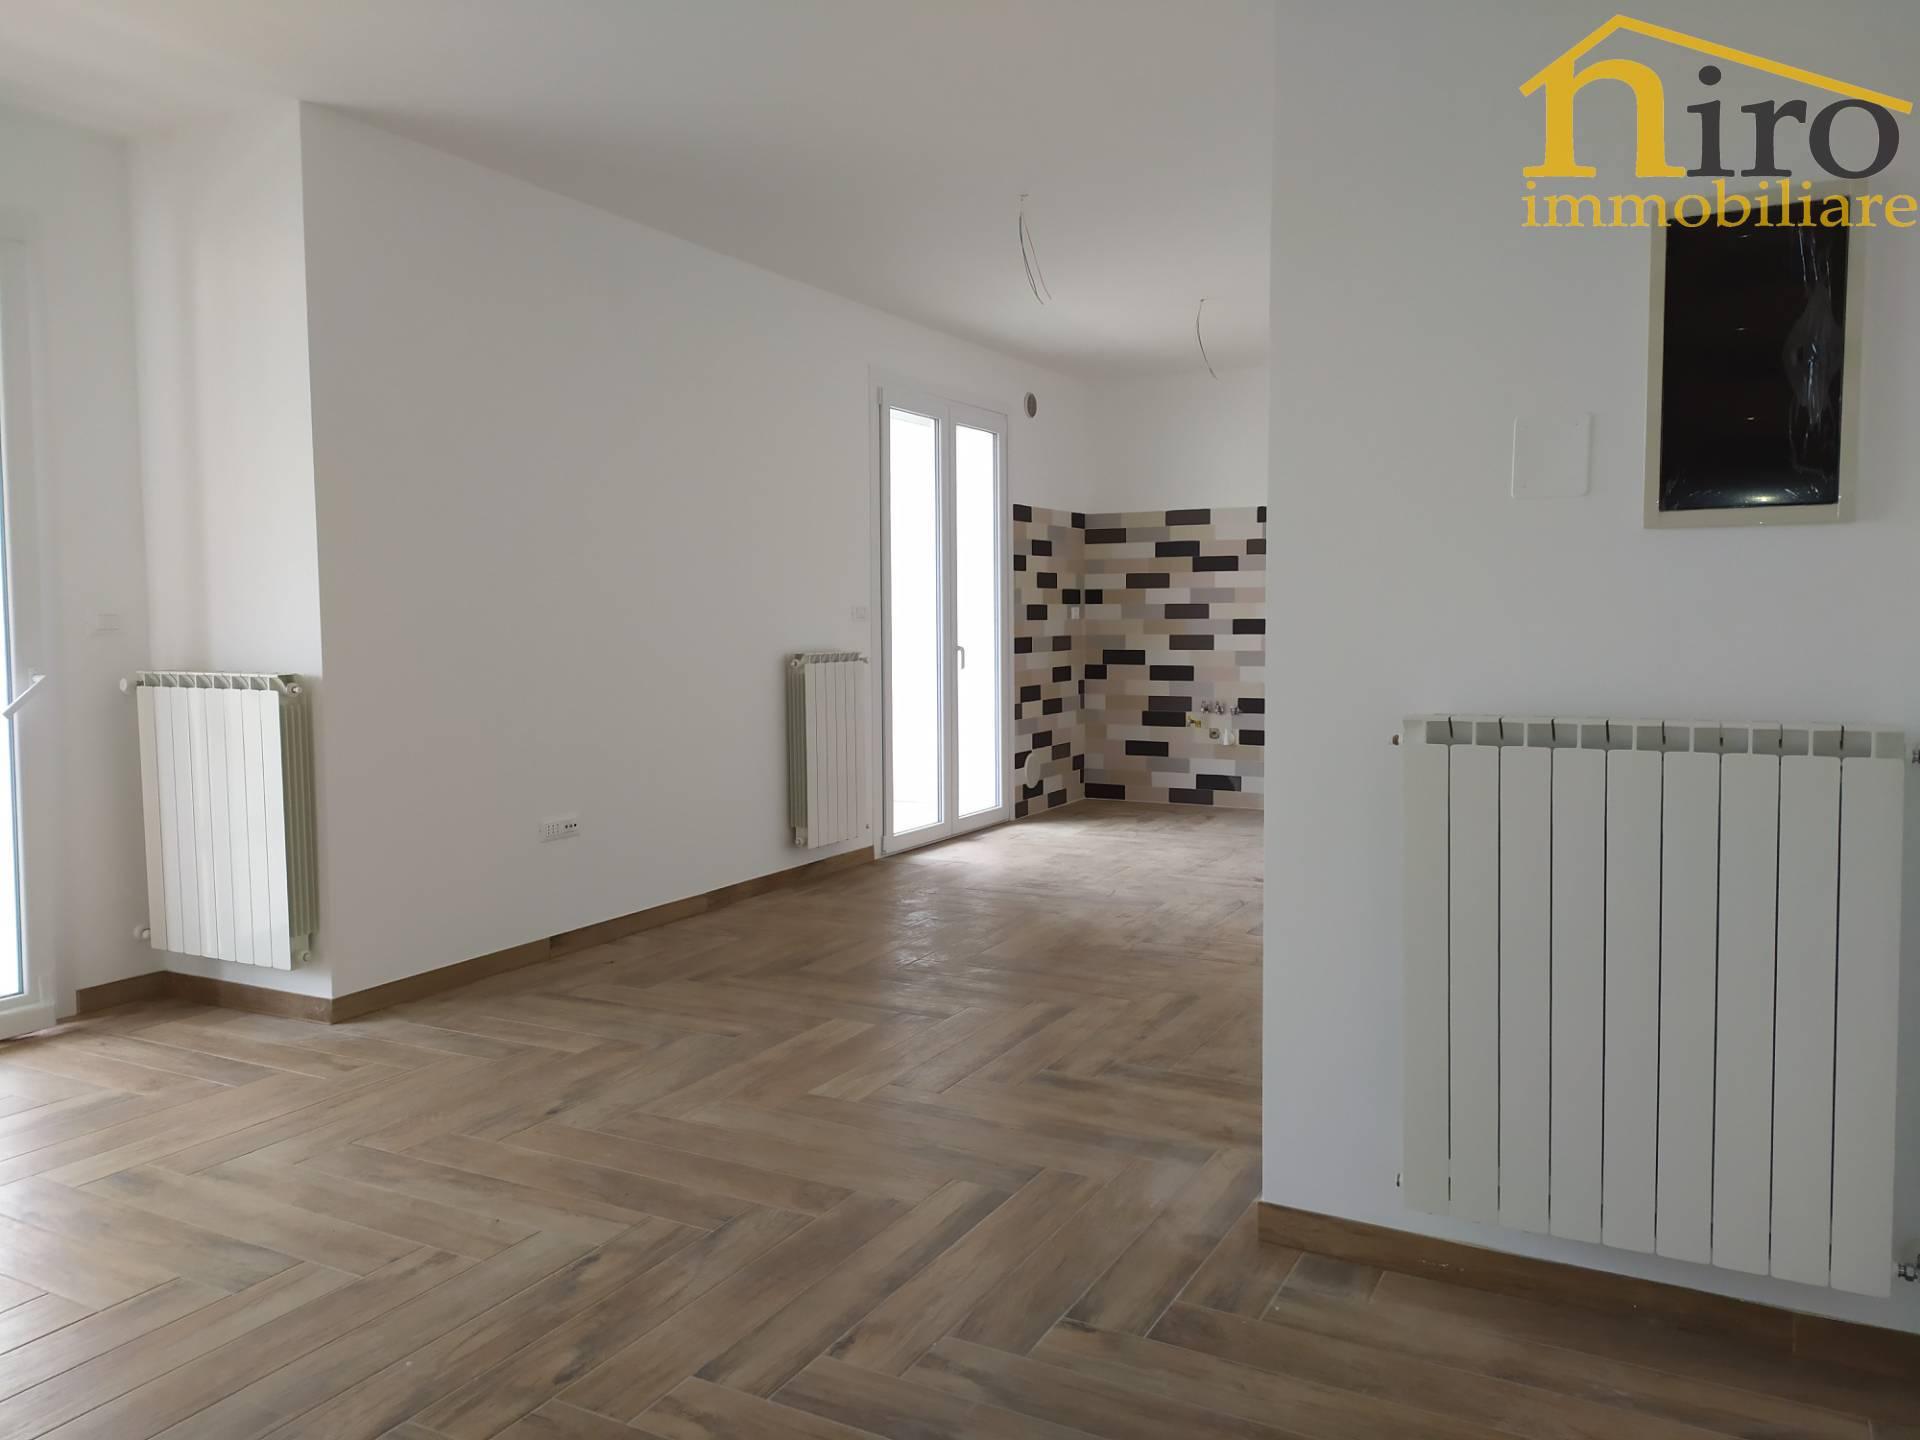 Appartamento in vendita a Francavilla al Mare, 3 locali, prezzo € 200.000 | CambioCasa.it